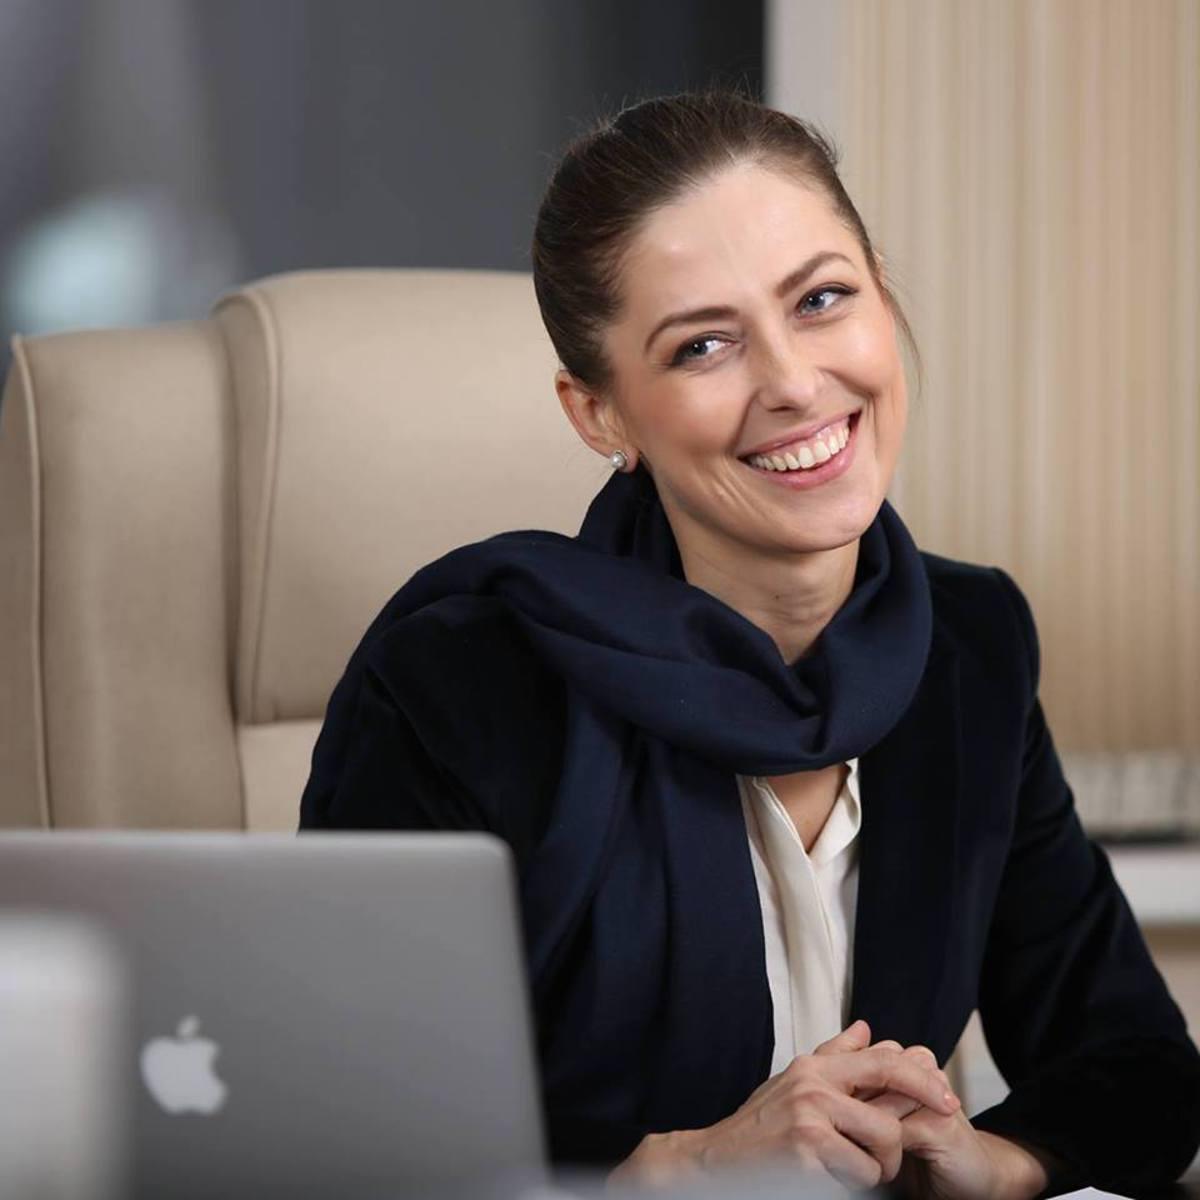 Иран пообещал освободить Юлию Юзик